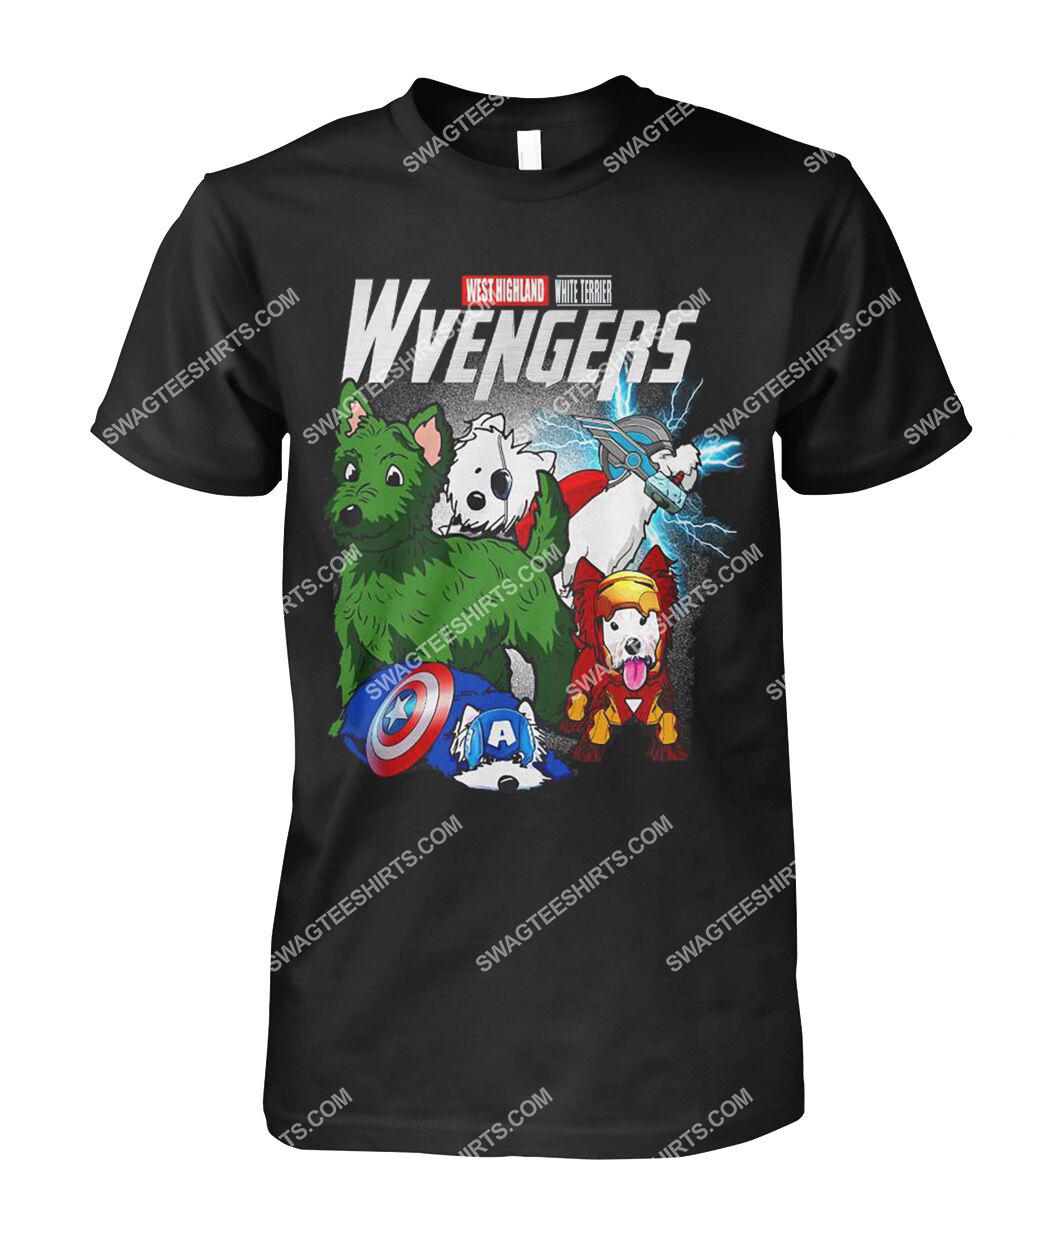 west highland white terrier wvengers marvel avengers dogs lover tshirt 1